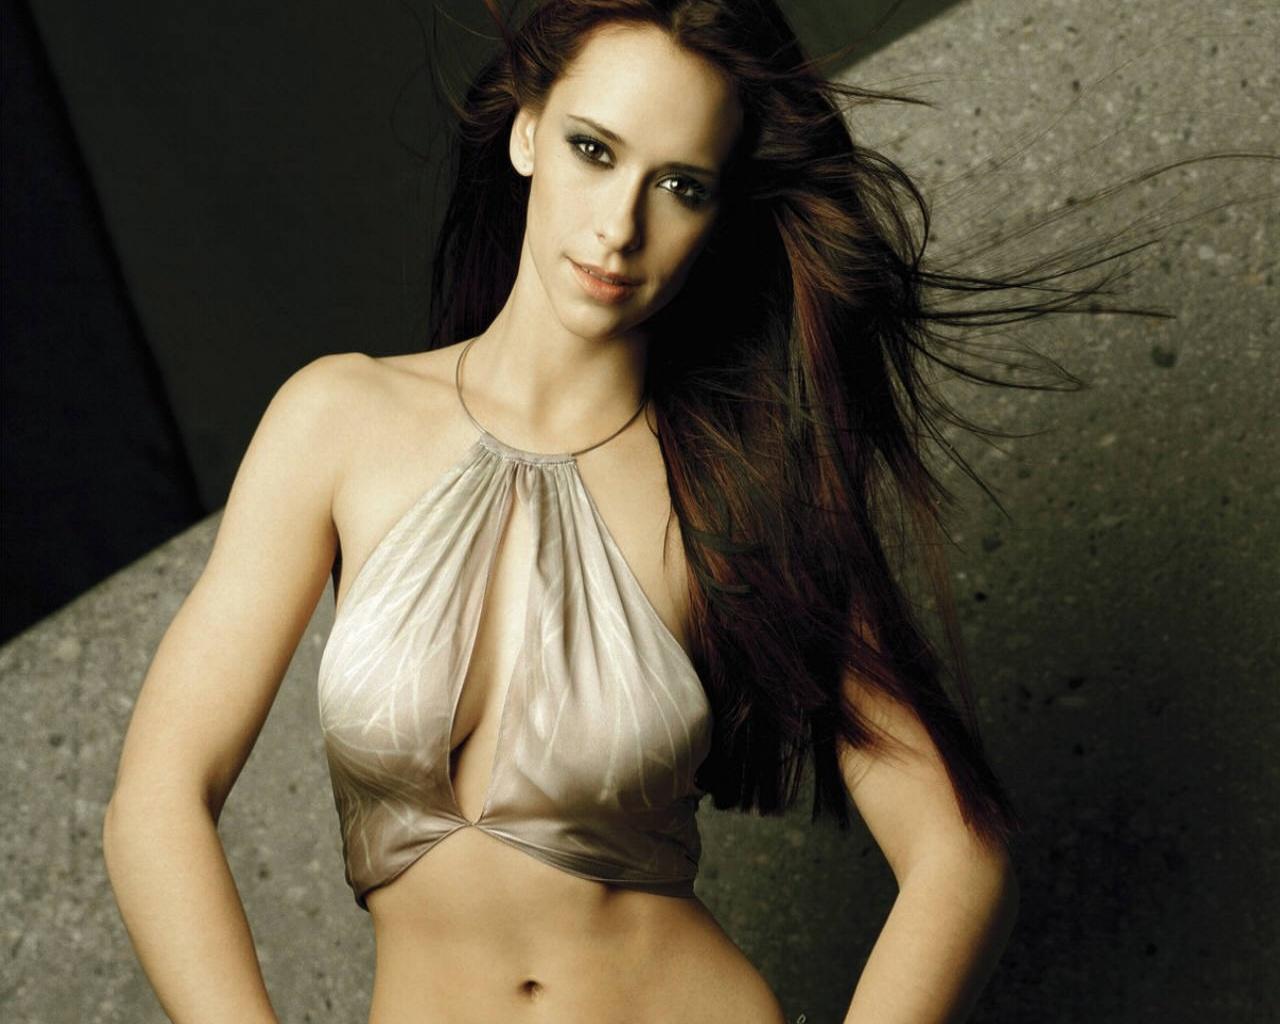 http://1.bp.blogspot.com/-ZW9z5t3sHlk/TXuHMoEpM3I/AAAAAAAAAws/w1wbtLJleLg/s1600/actress_jennifer_love_hewitt_hot_wallpaper.jpg